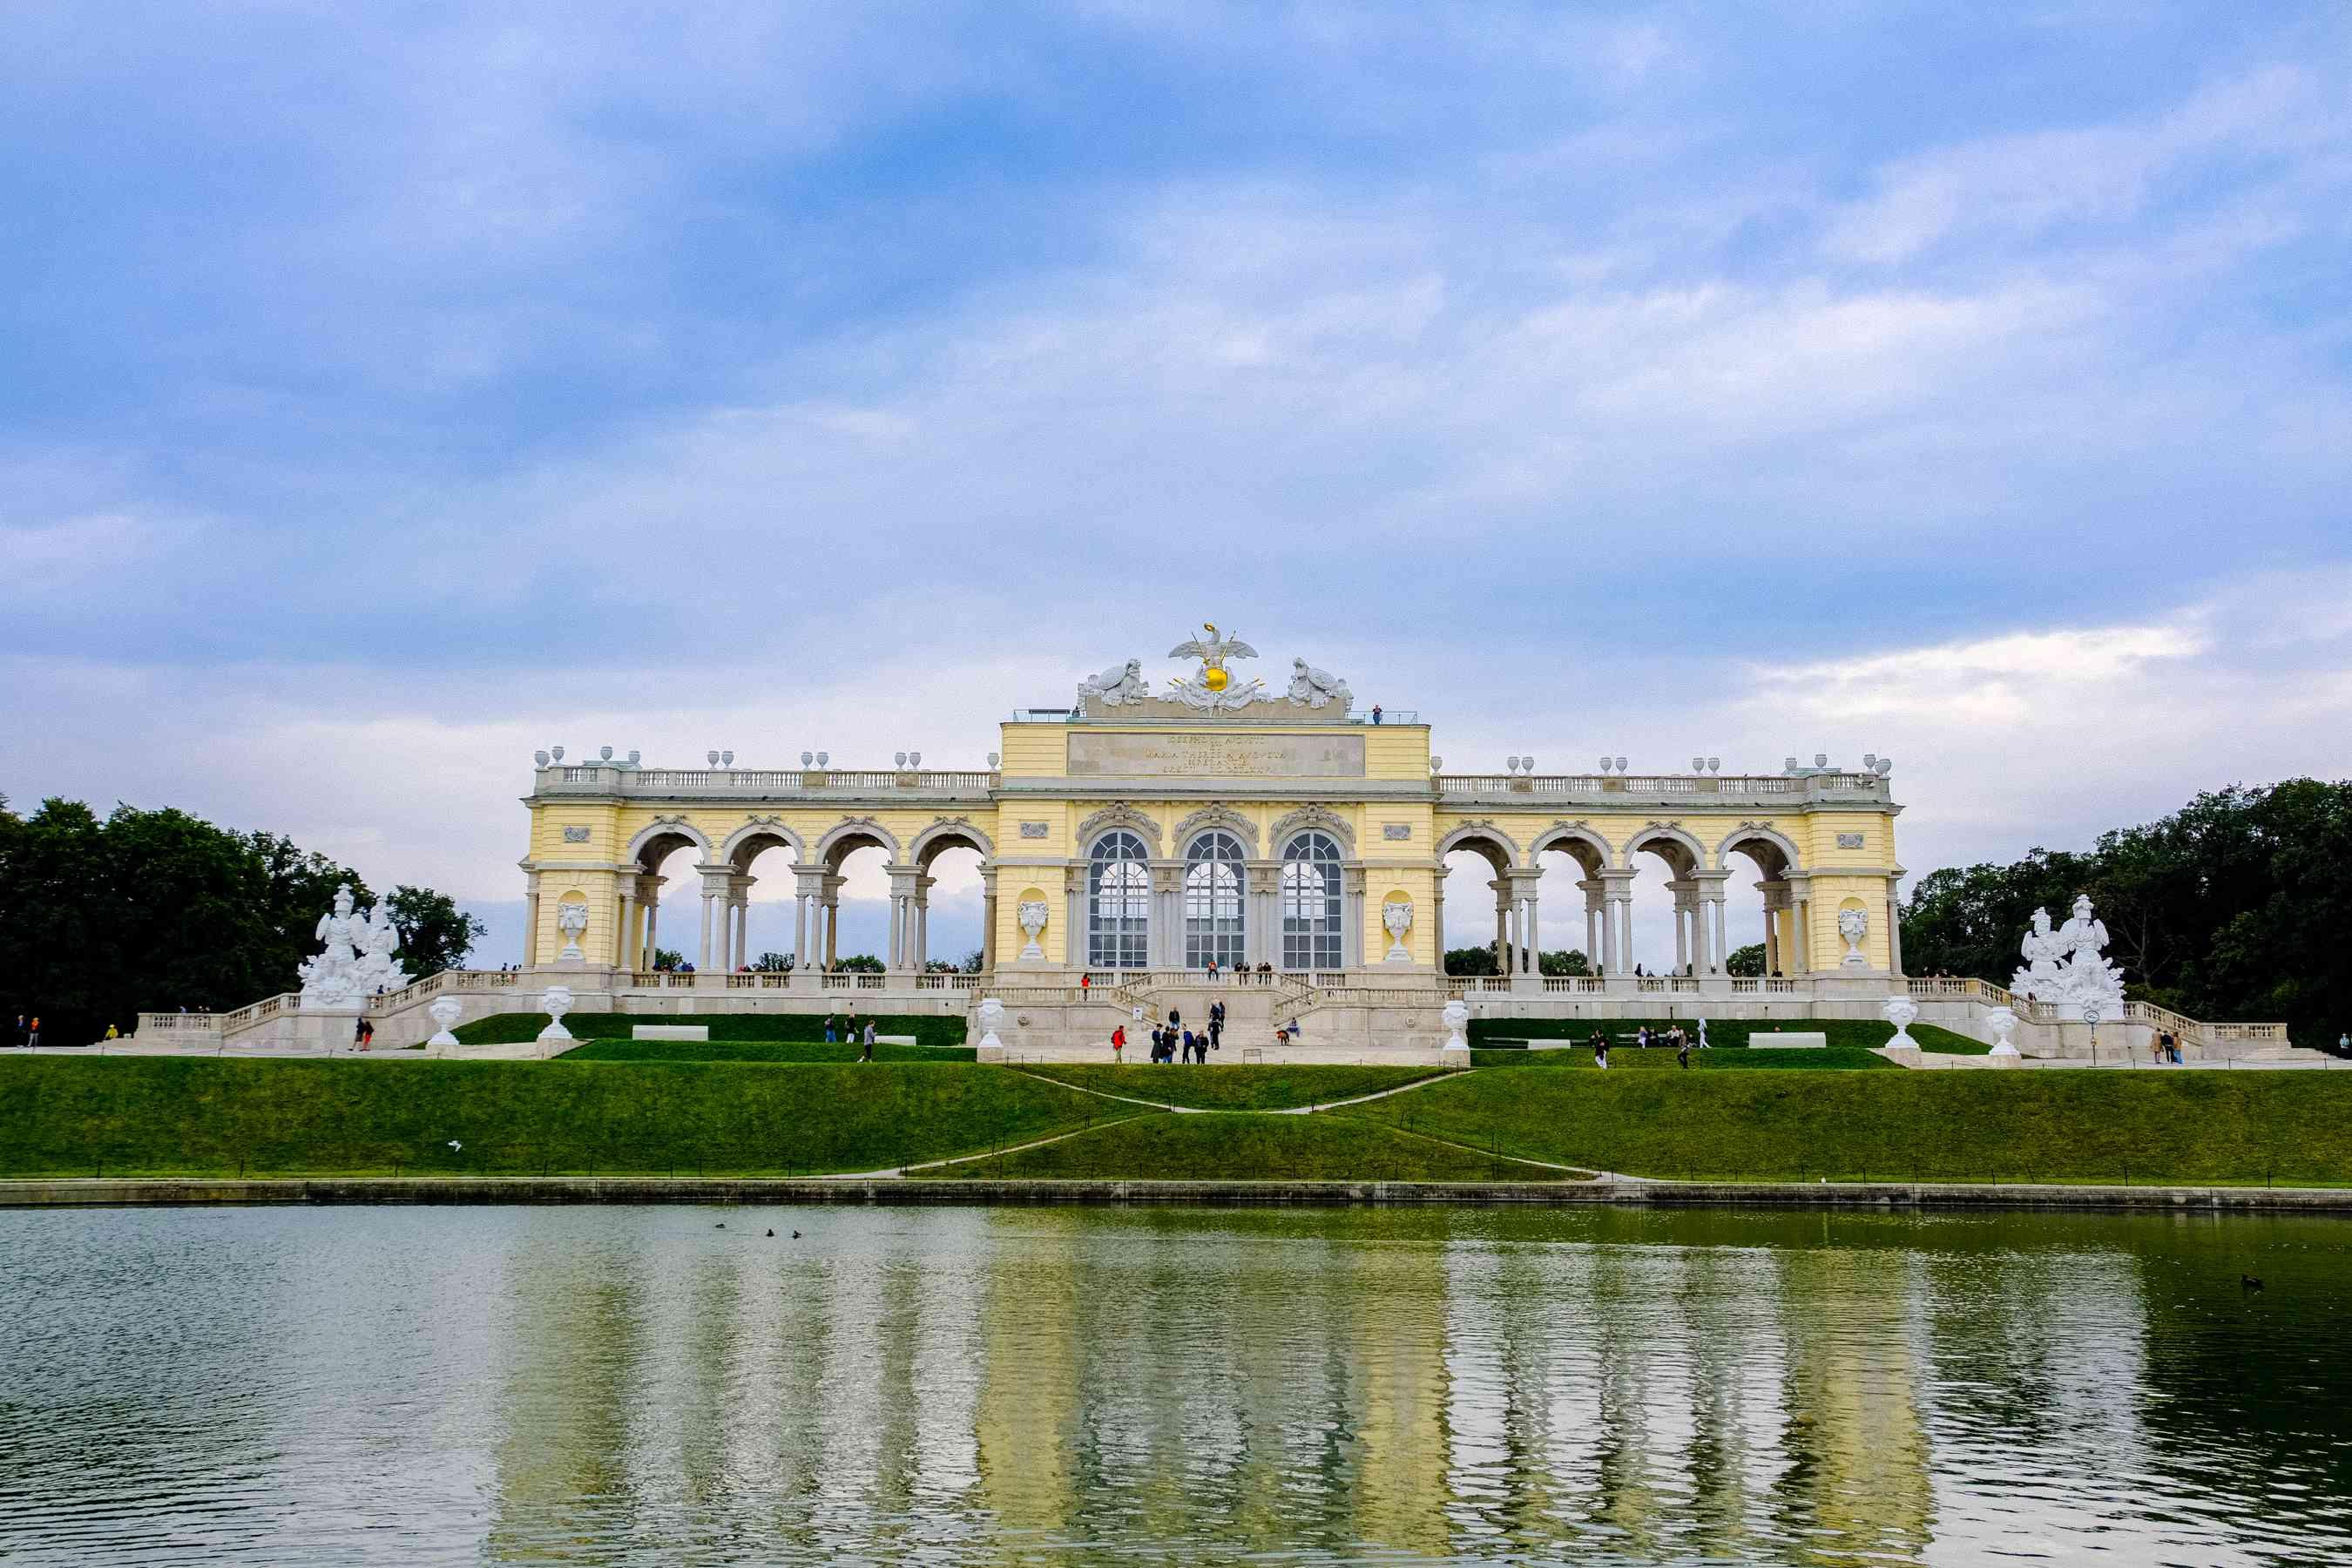 Personas de pie en una gran estructura exterior que forma parte del Palacio de Schonbrunn